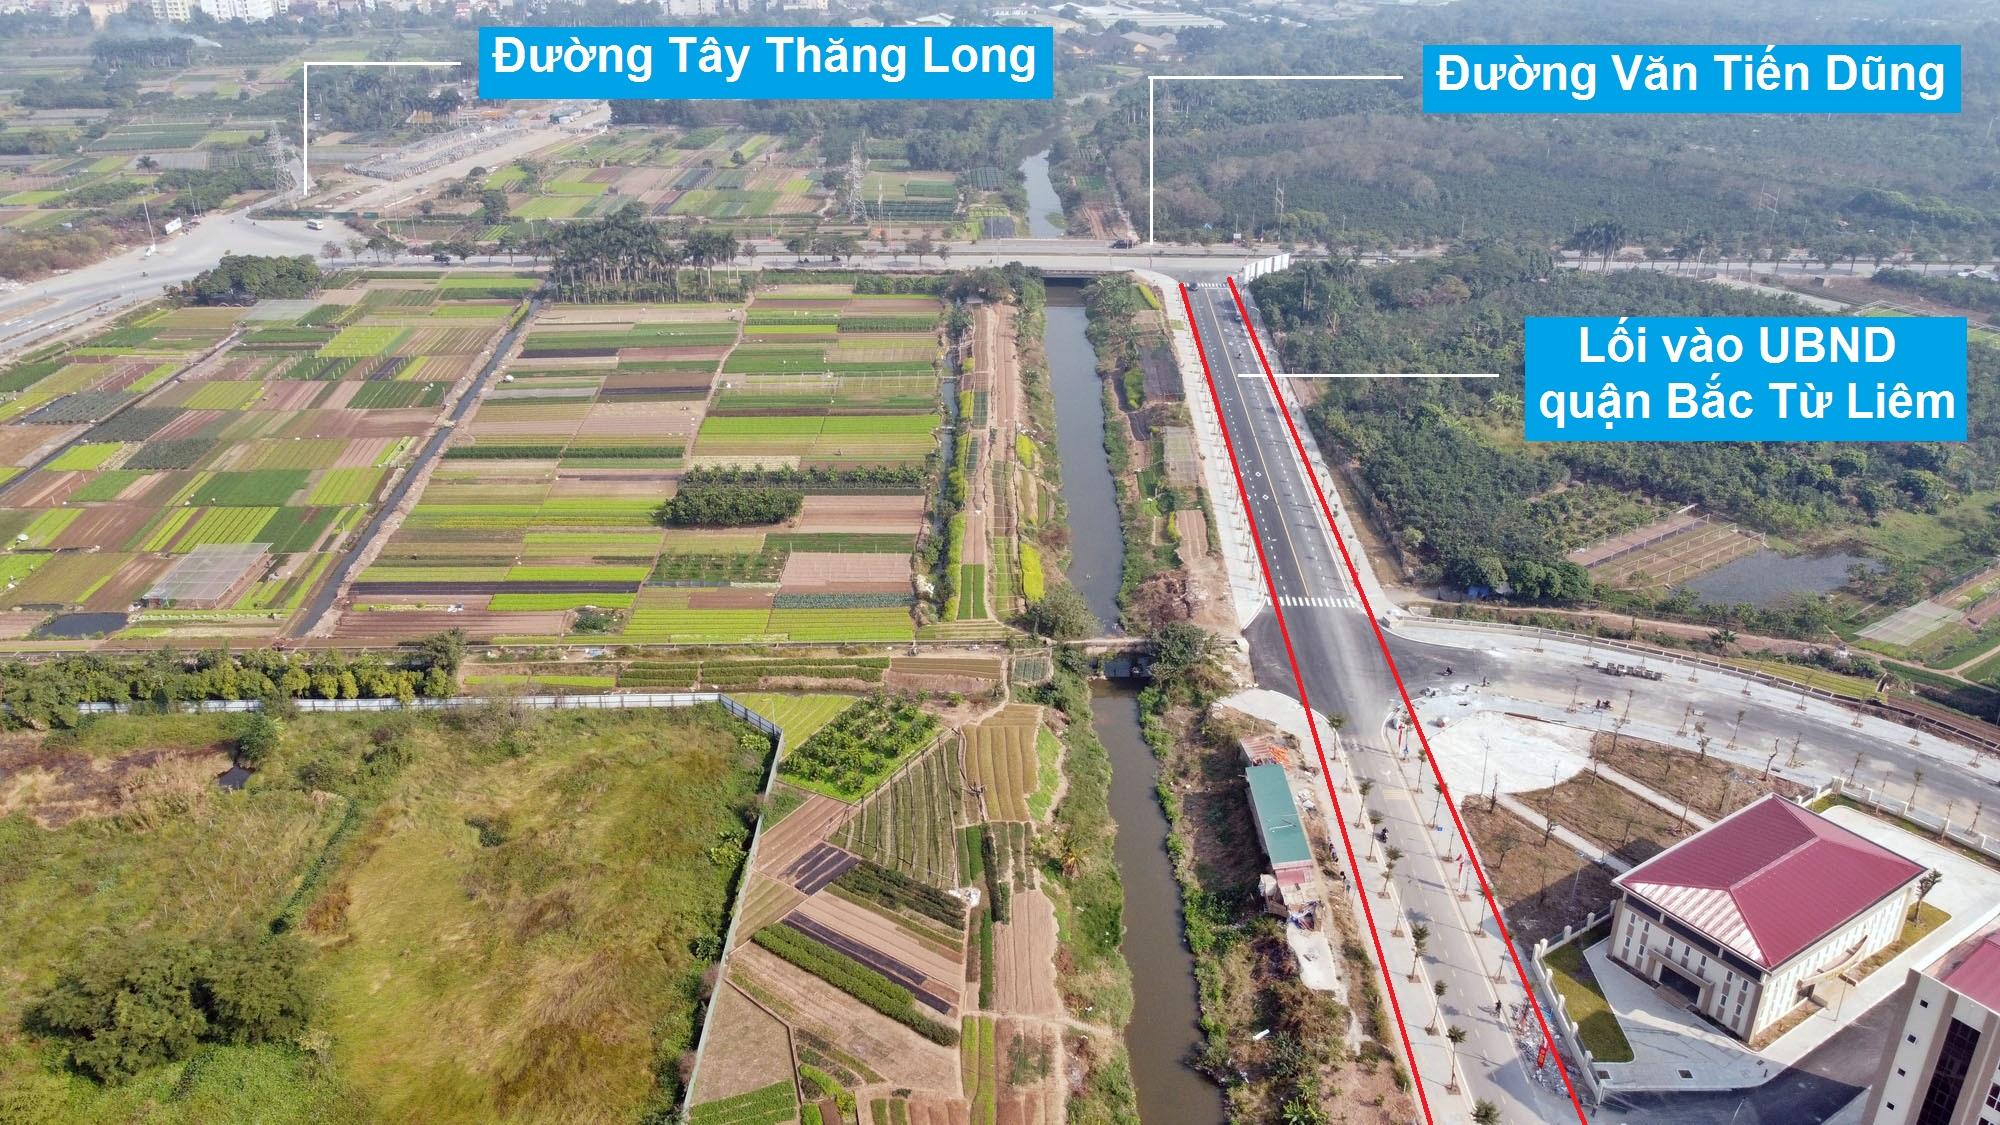 Đường sẽ mở theo quy hoạch ở phường Minh Khai, Bắc Từ Liêm, Hà Nội (phần 2) - Ảnh 3.